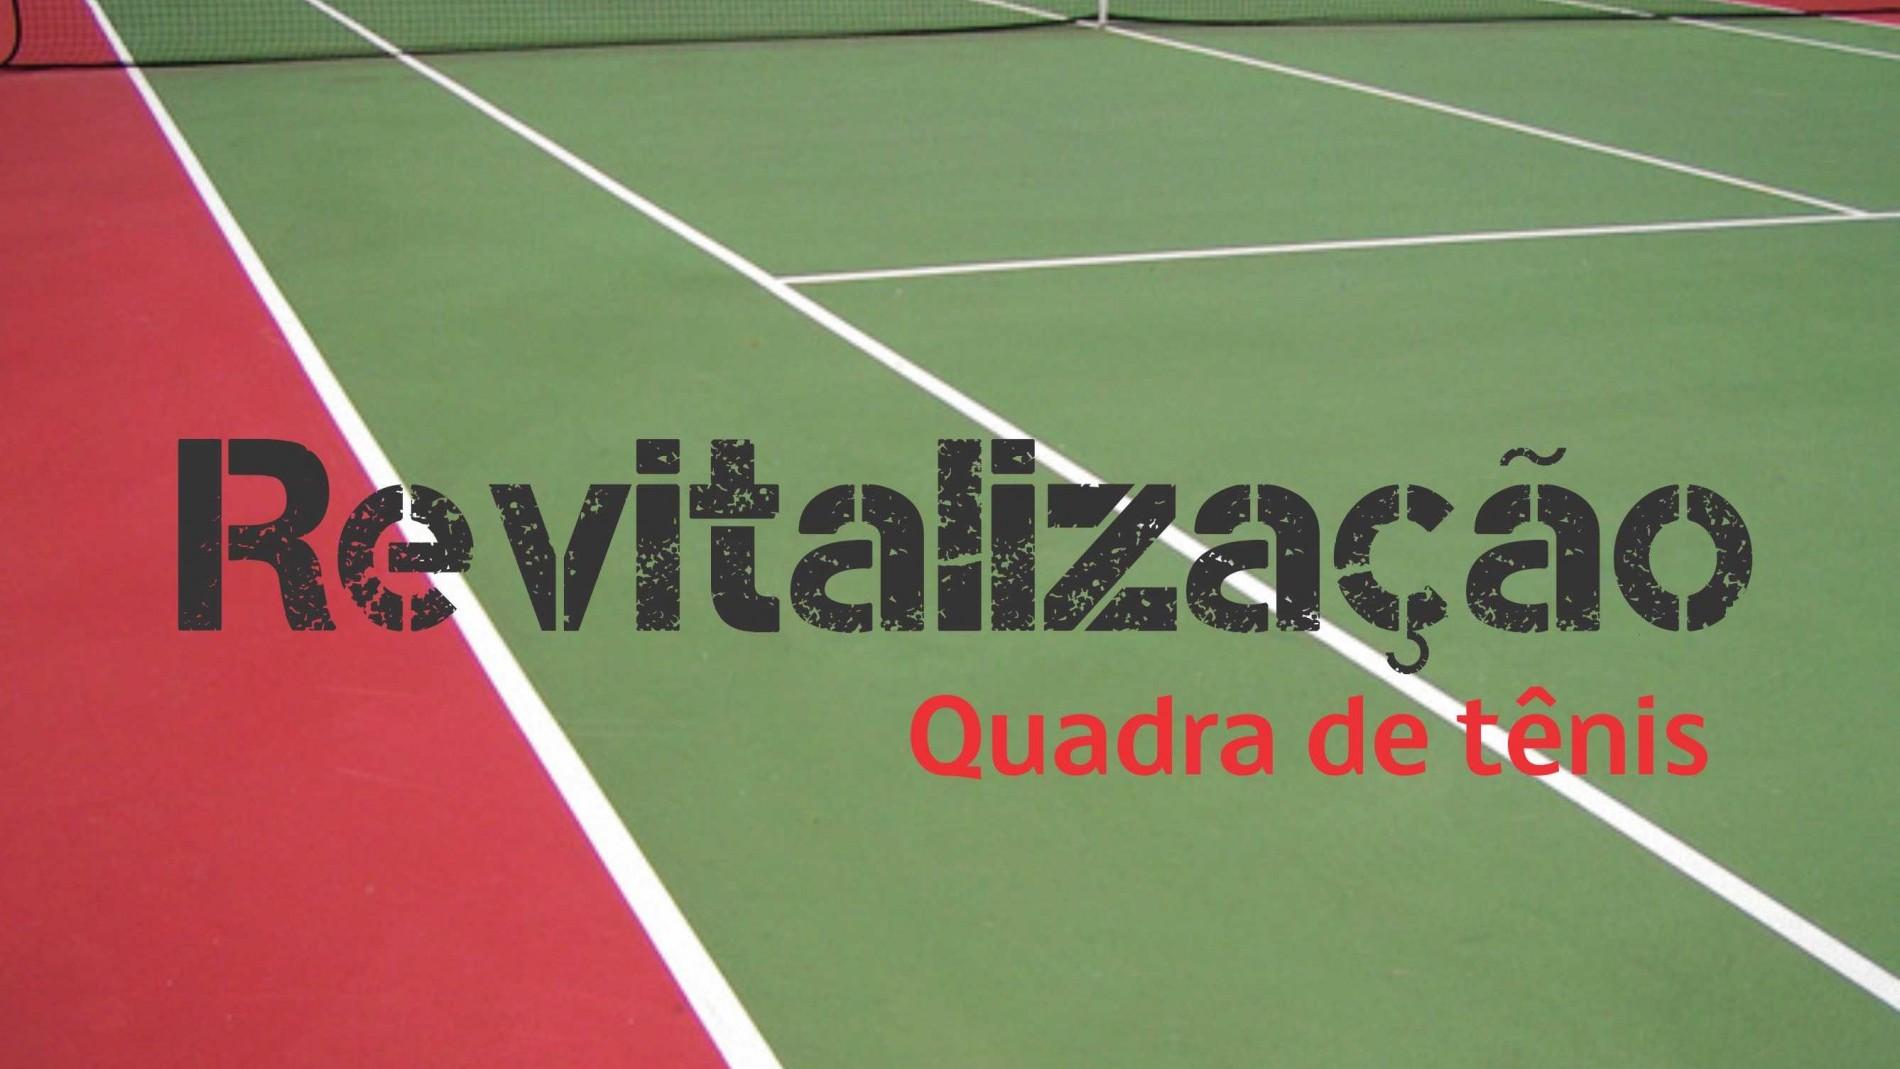 Revitalização da Quadra de Tênis